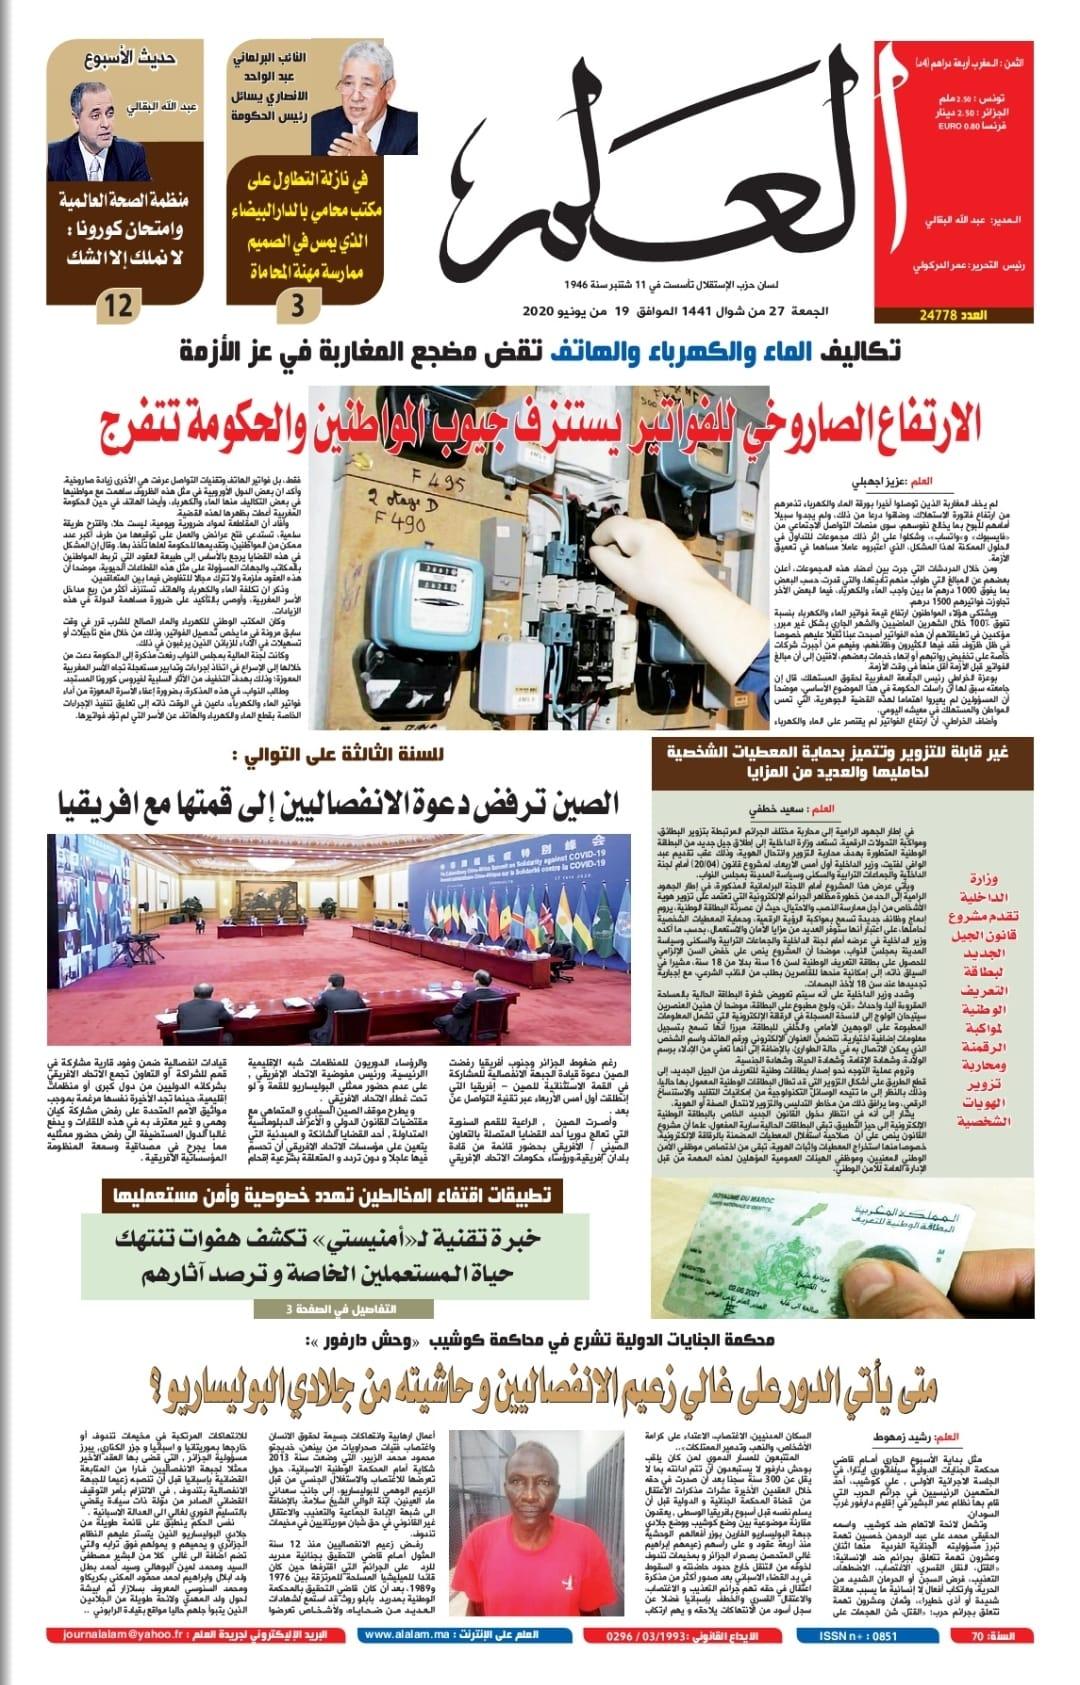 جريدة العلم عدد يوم الجمعة 19 يونيو 2020 بين أيديكم